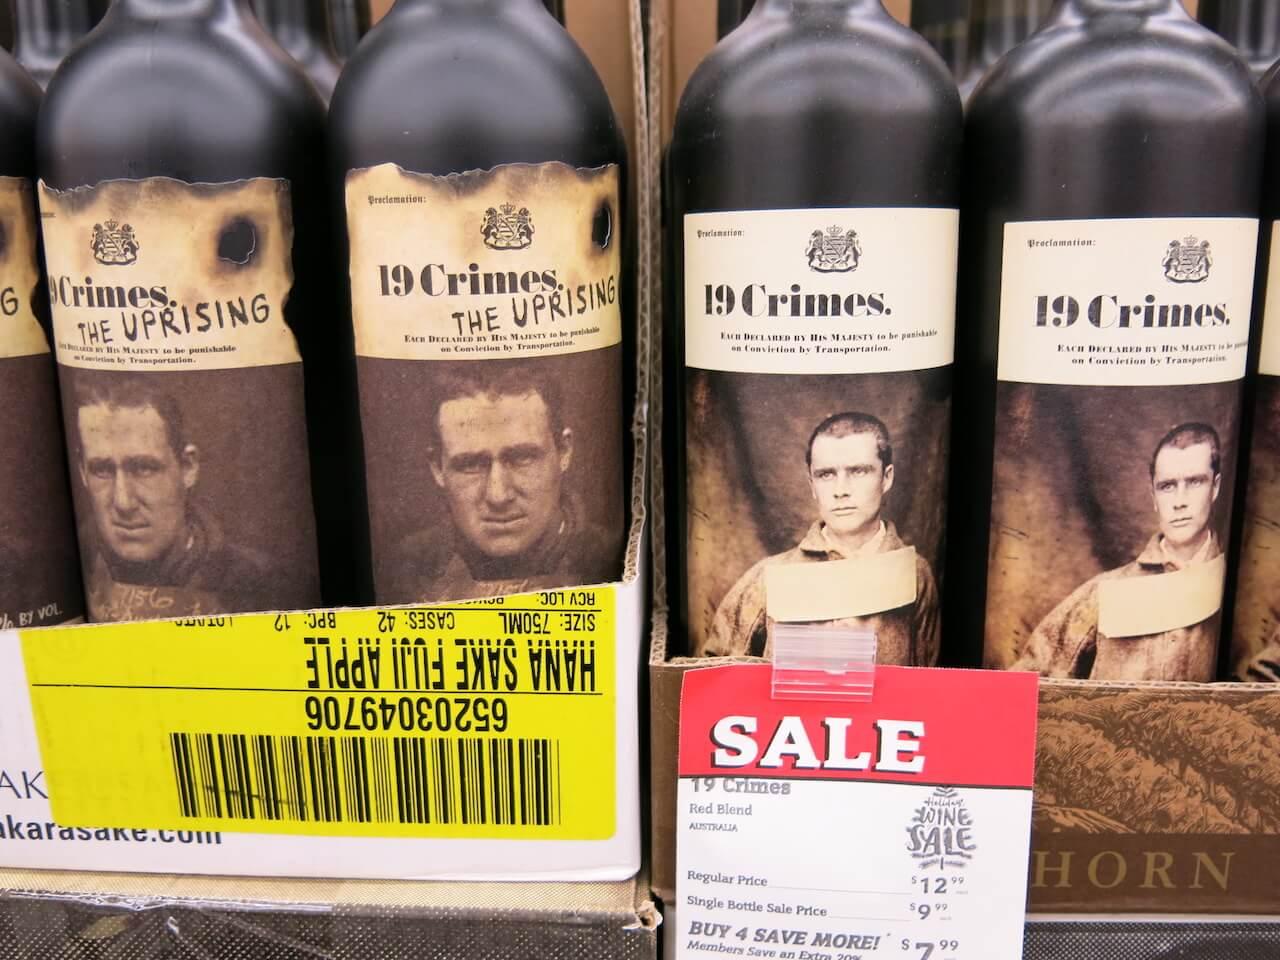 Bouteilles de vin 19 Crimes qui utilisent la réalité augmentée